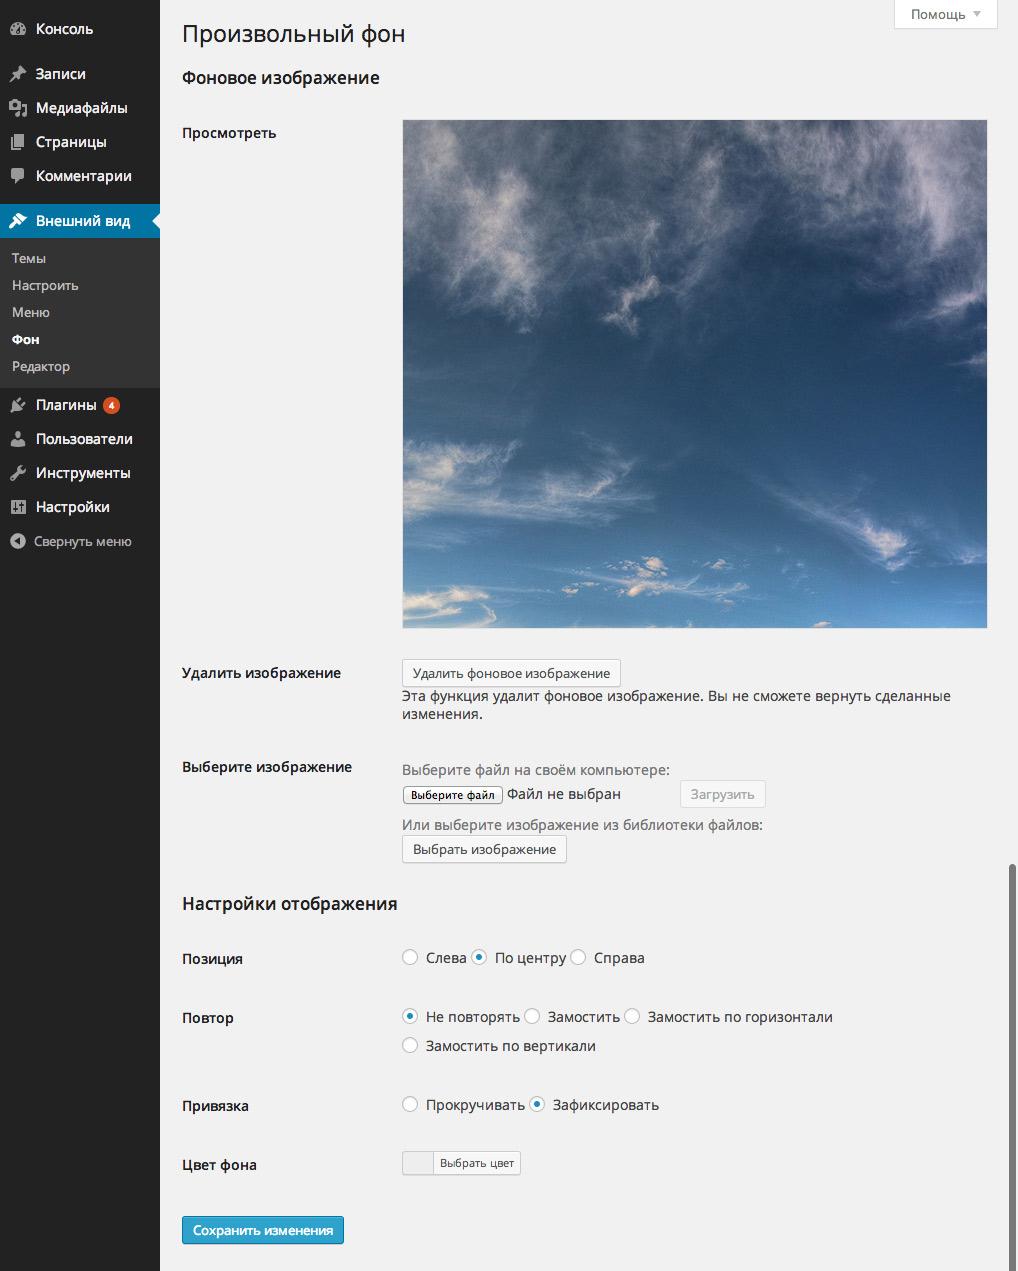 Дополнительные настройки произвольного фона в WordPress.